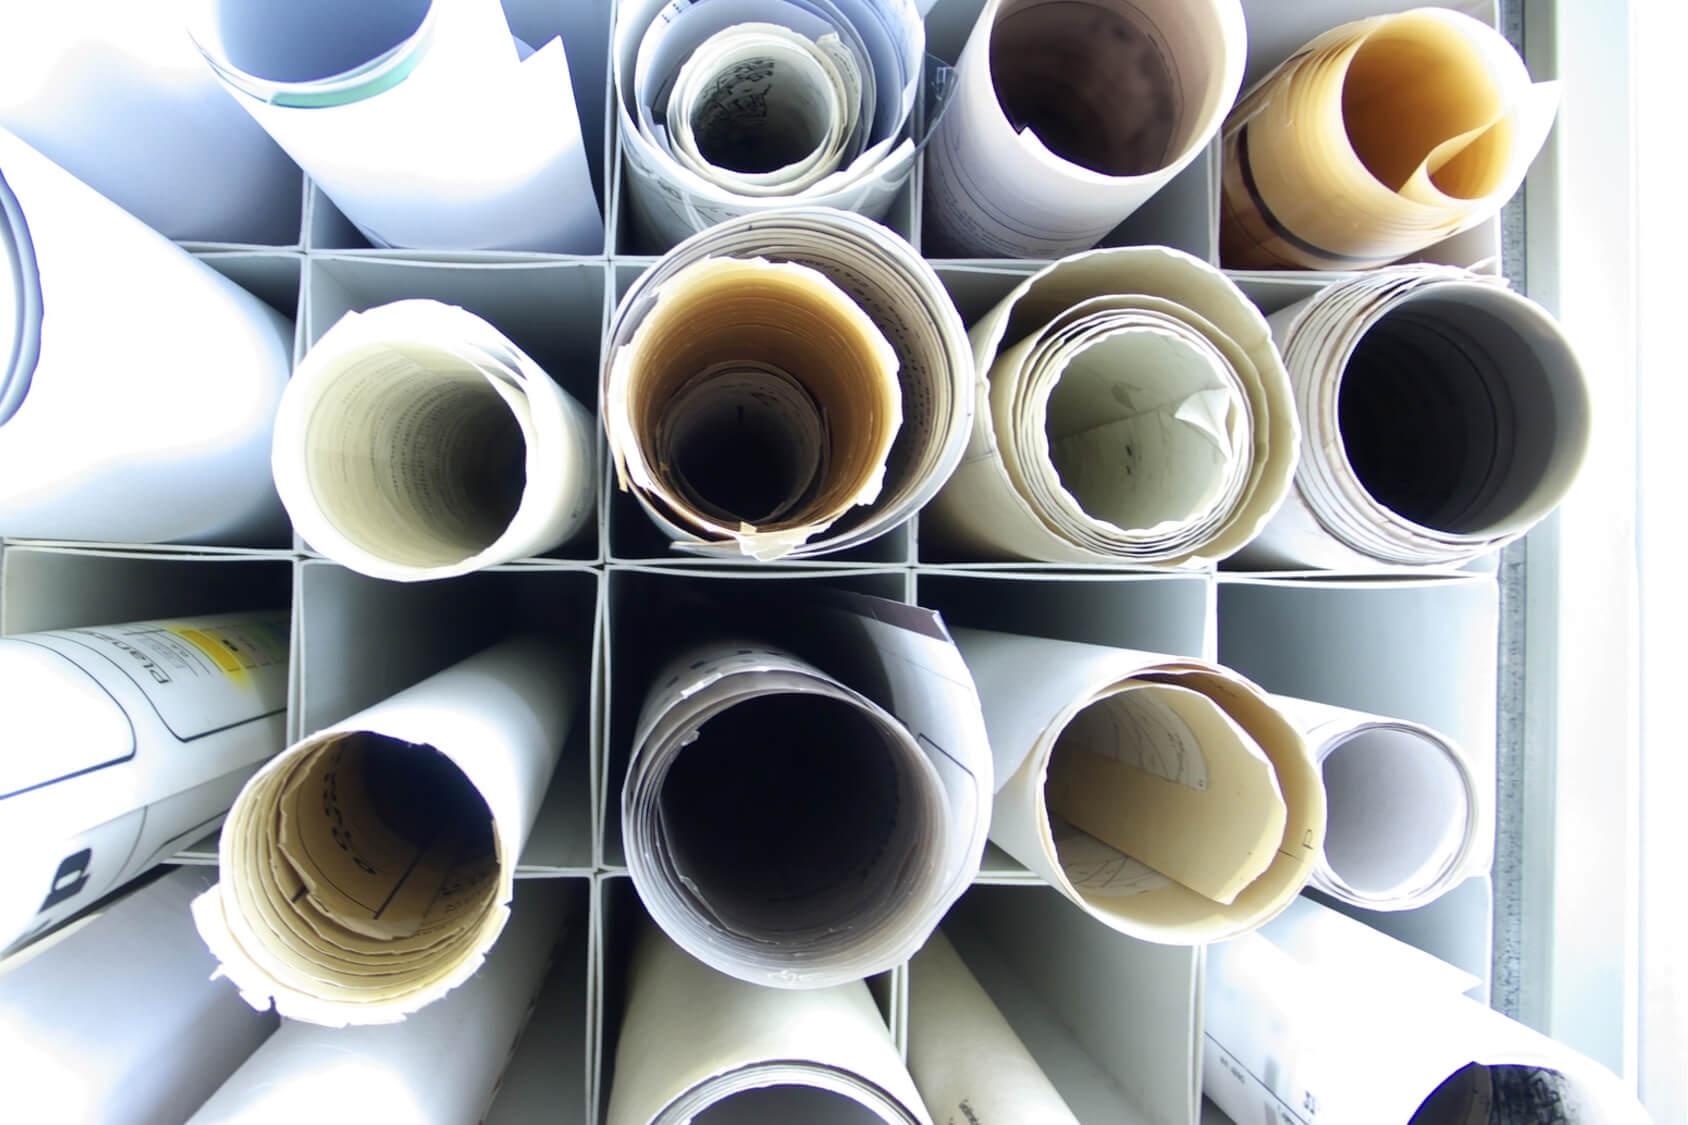 Während der gesamten Sanierung bzw. Restrukturierung Ihres Unternehmens stehen wir Ihnen kompetent zur Seite.